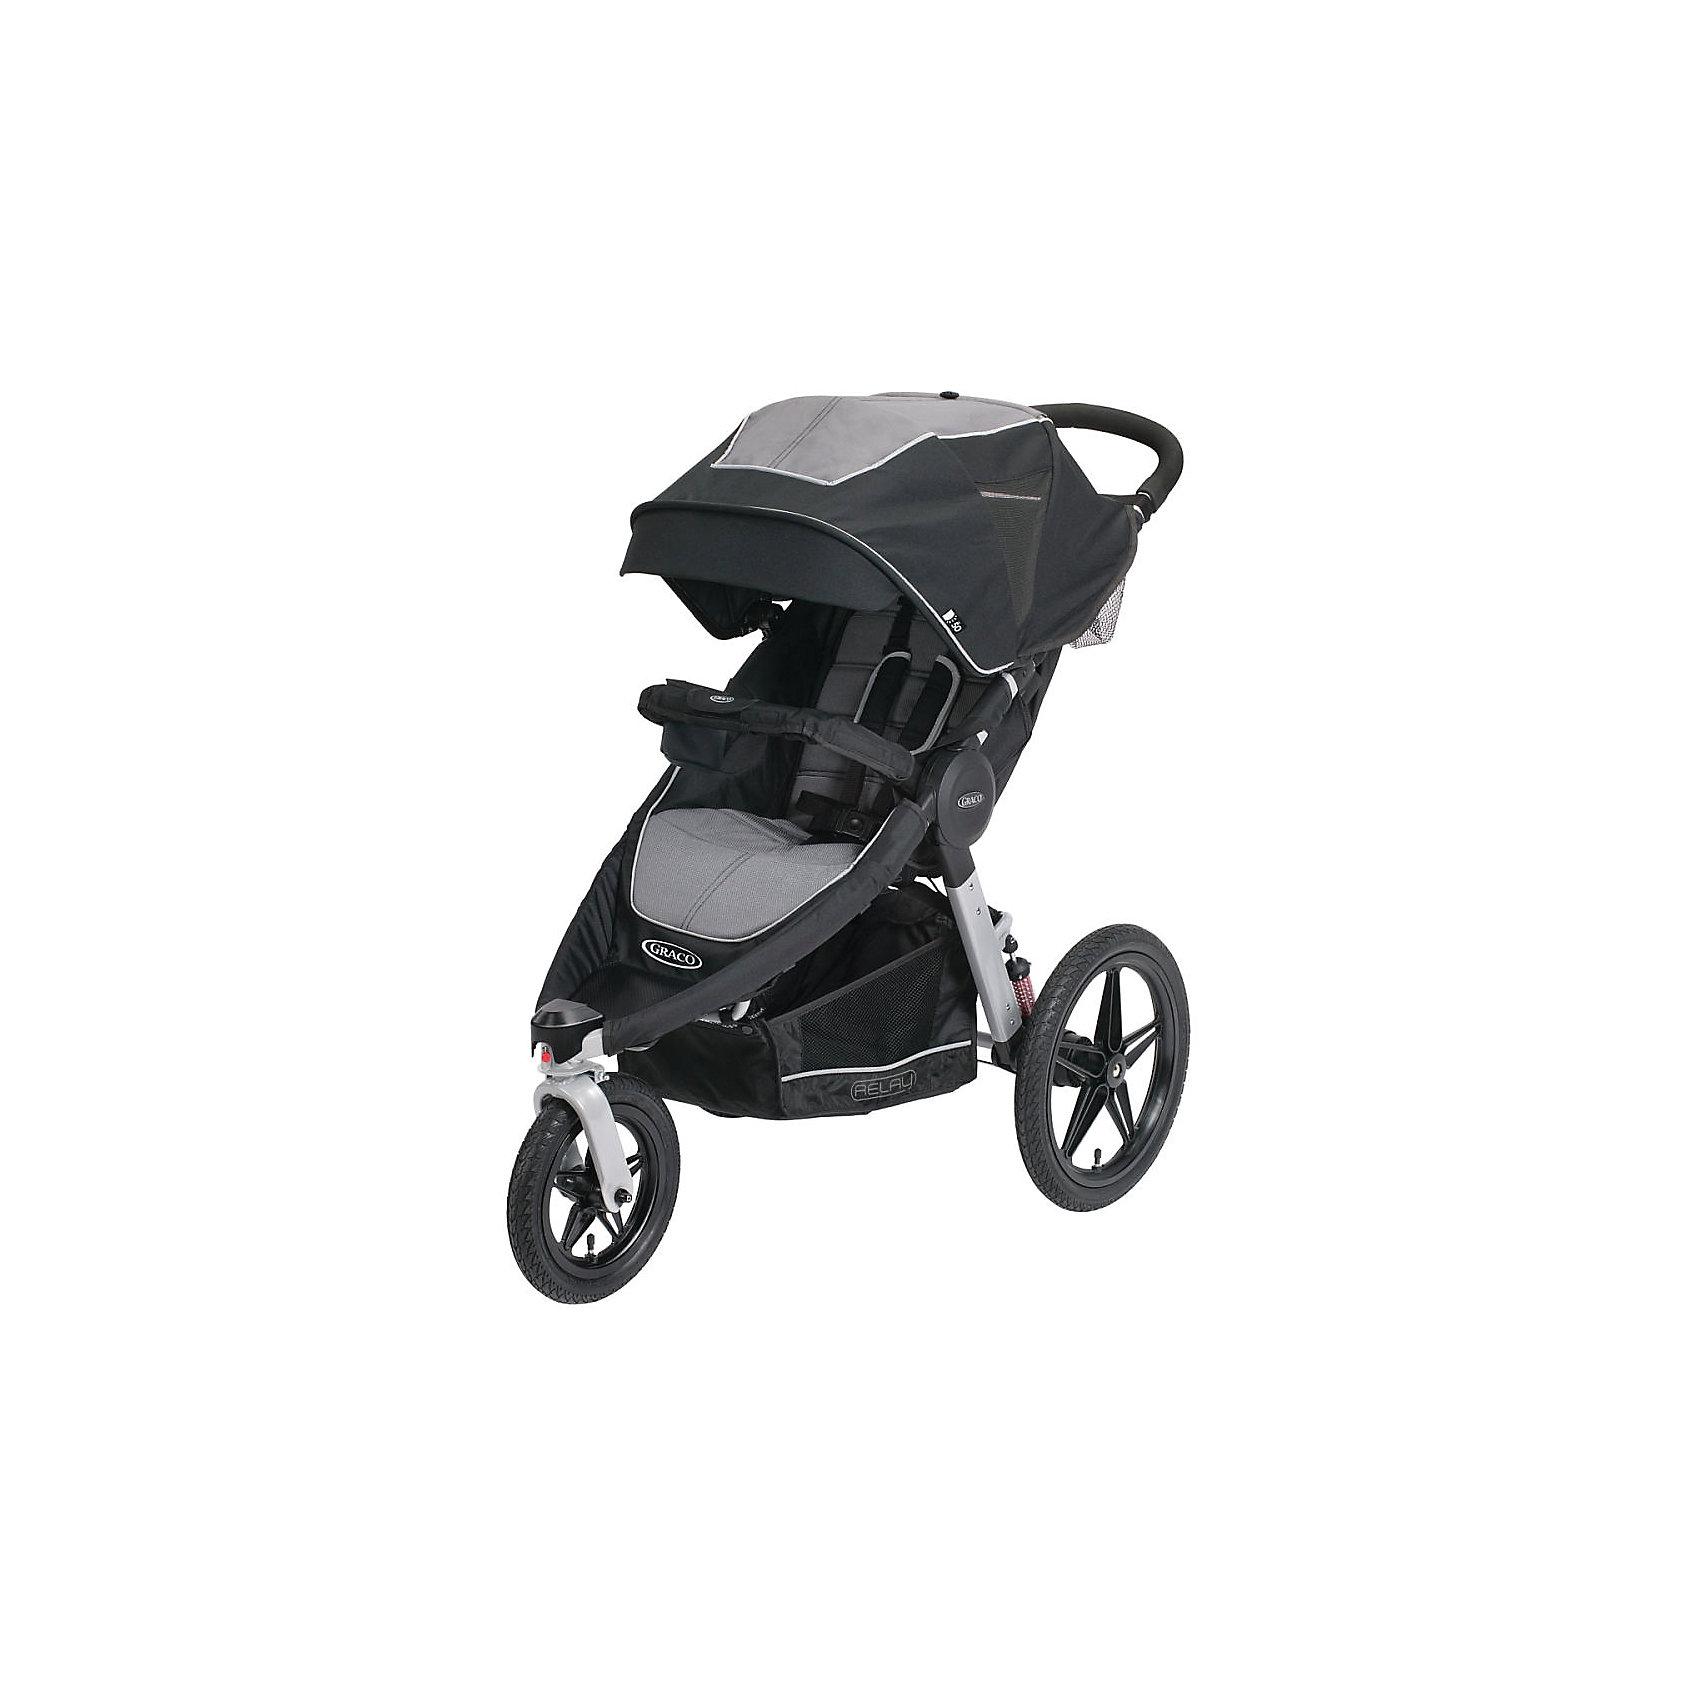 Прогулочная коляска Relay Jogger Panther, Graco, серый